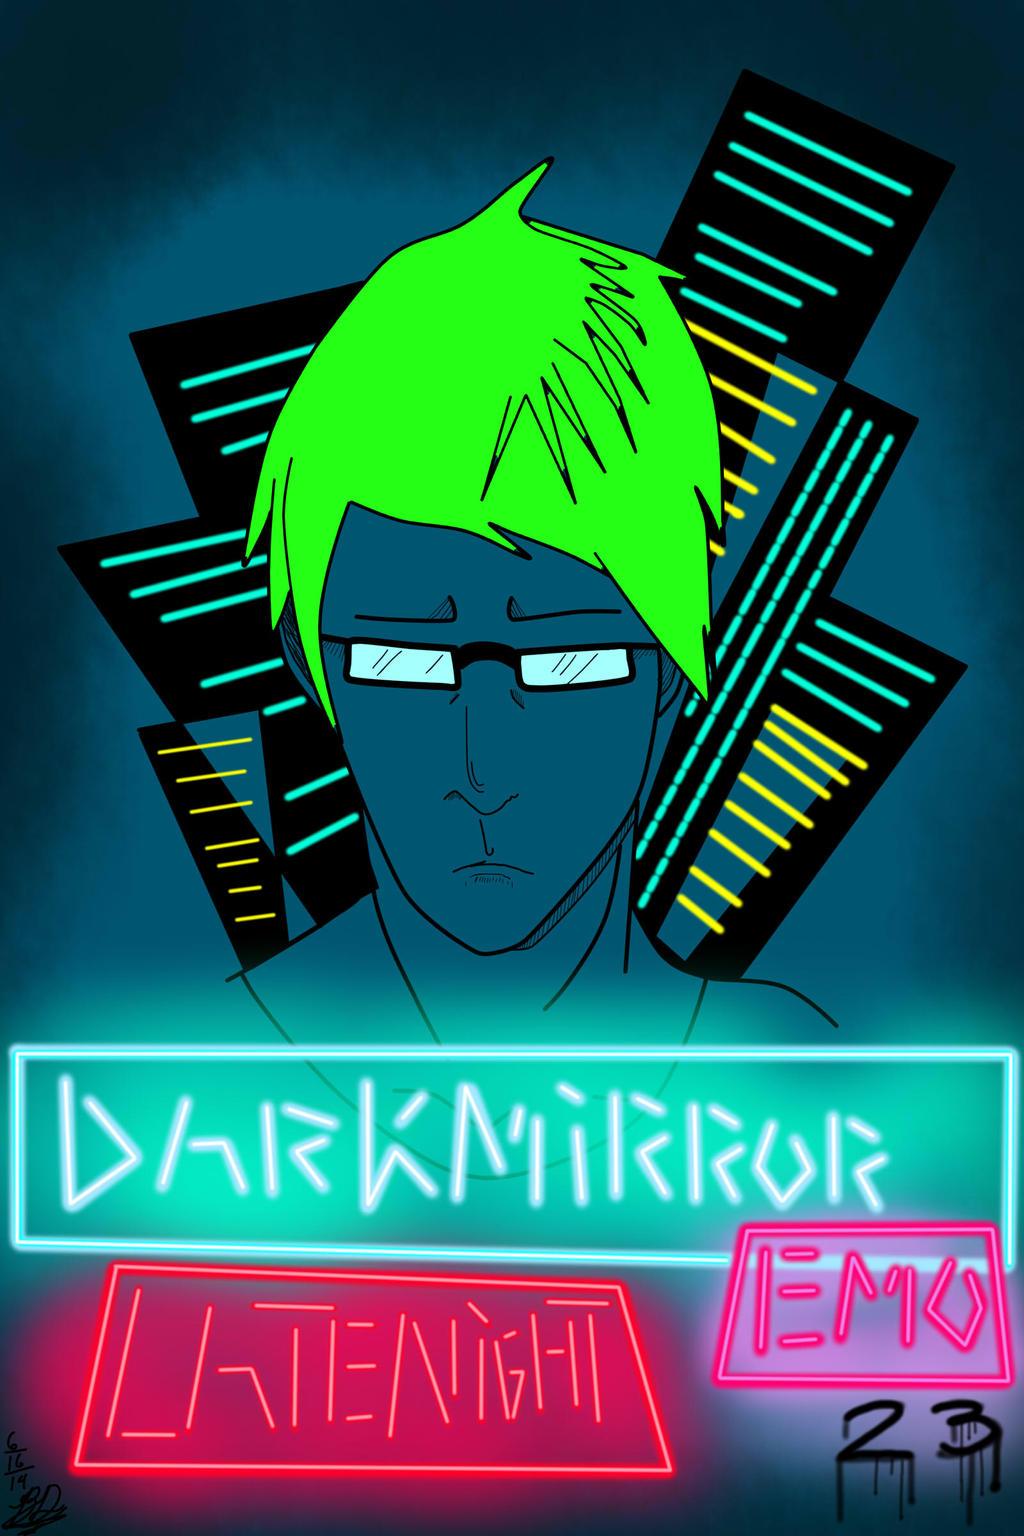 DarkMirrorEmo23's Profile Picture